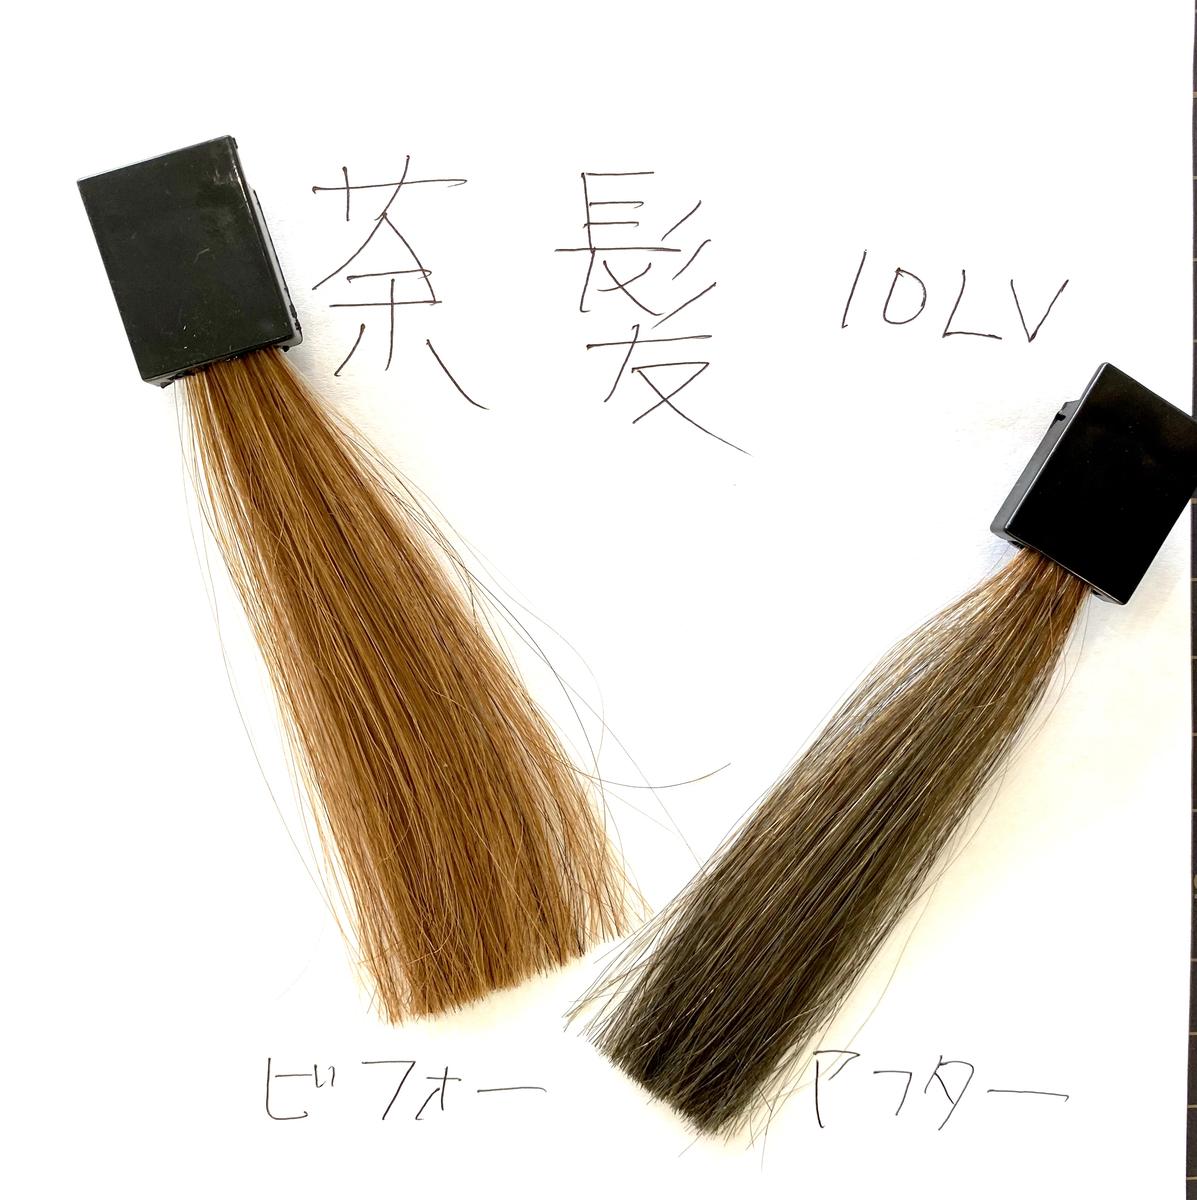 画面左が茶髪で画面右が茶髪に925シルバーで染めた仕上がり